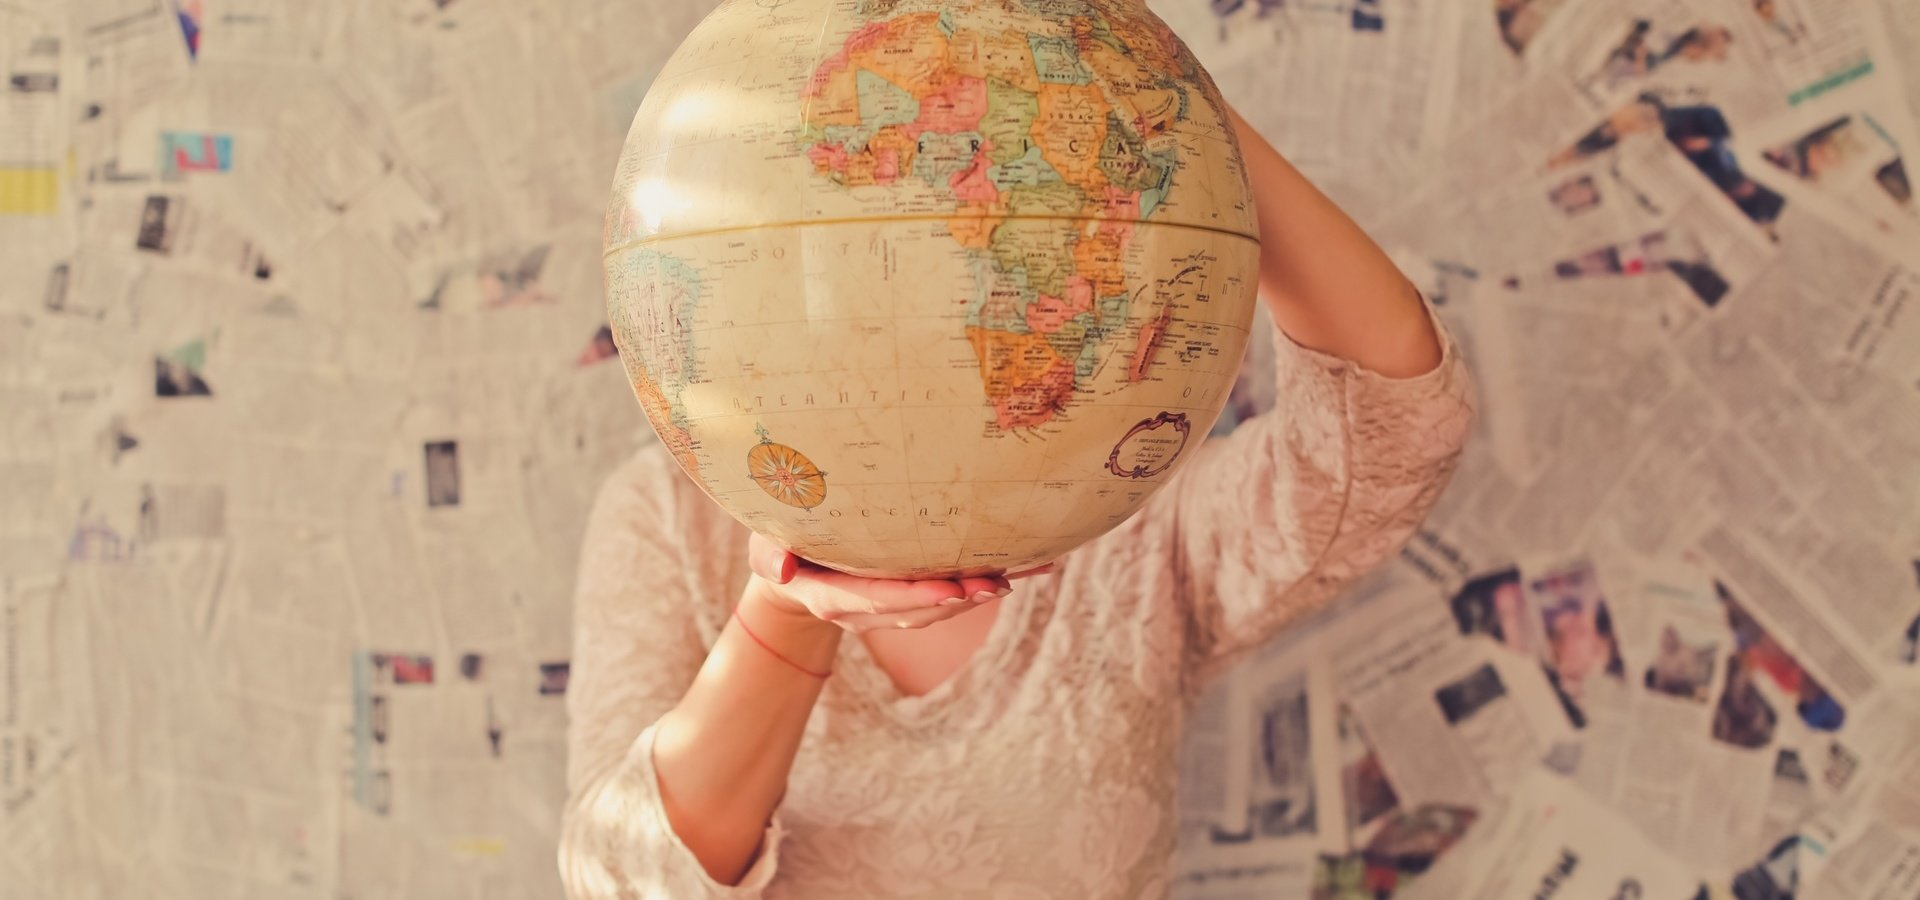 Muzyczna Mapa Świata Spotify 2.0